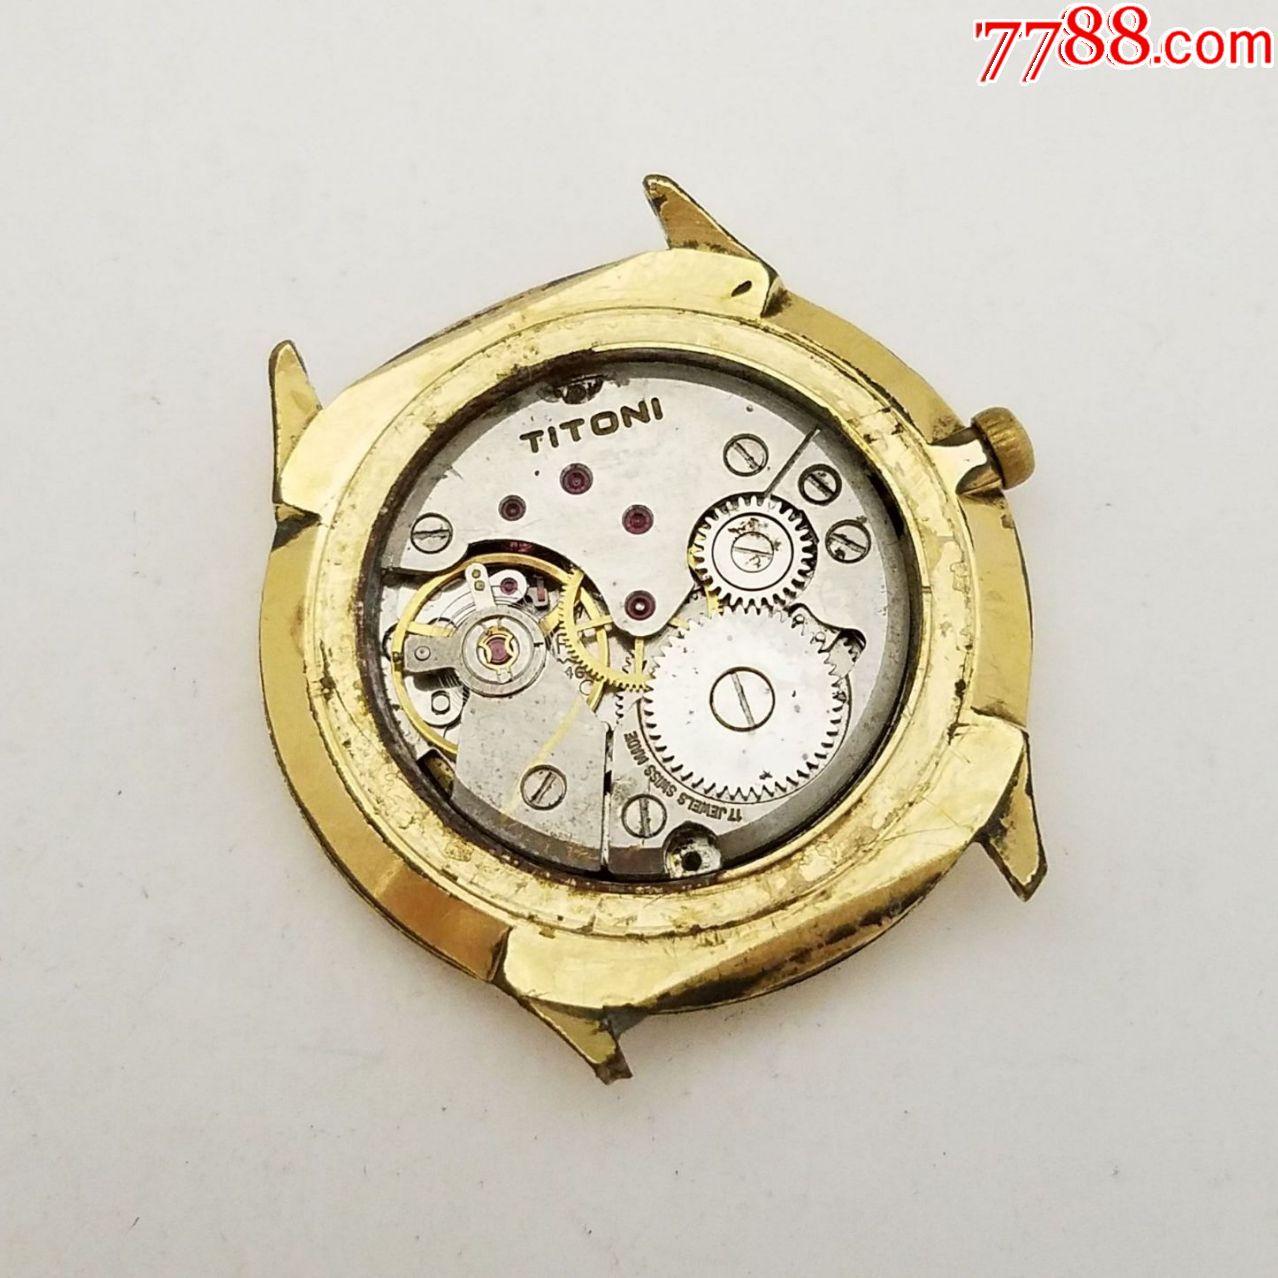 [十二刻度]上海卡地亚维修,卡地亚手表指针掉了怎么办?  修